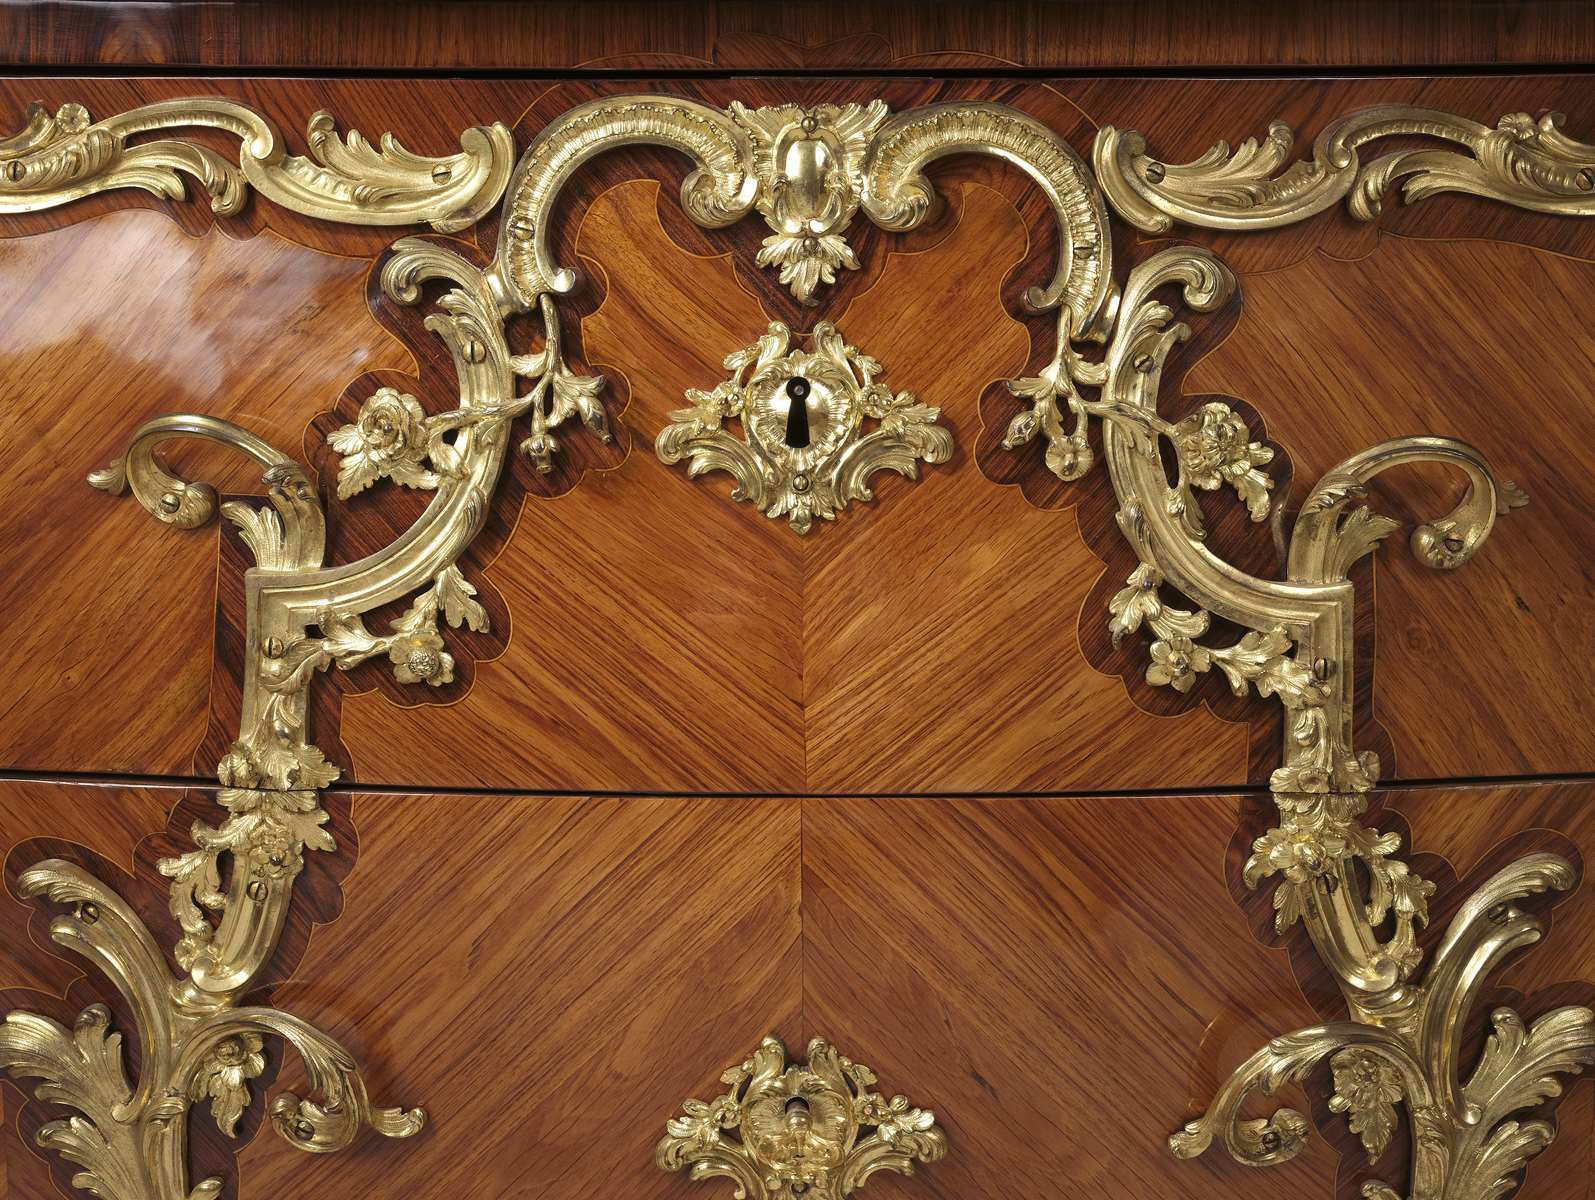 Acquisition de la Commode de Joubert par Fontainebleau  Fontainebleau.rec.faire-savoir.com-commode-de-la-chambre-de-louis-xv-commode-004